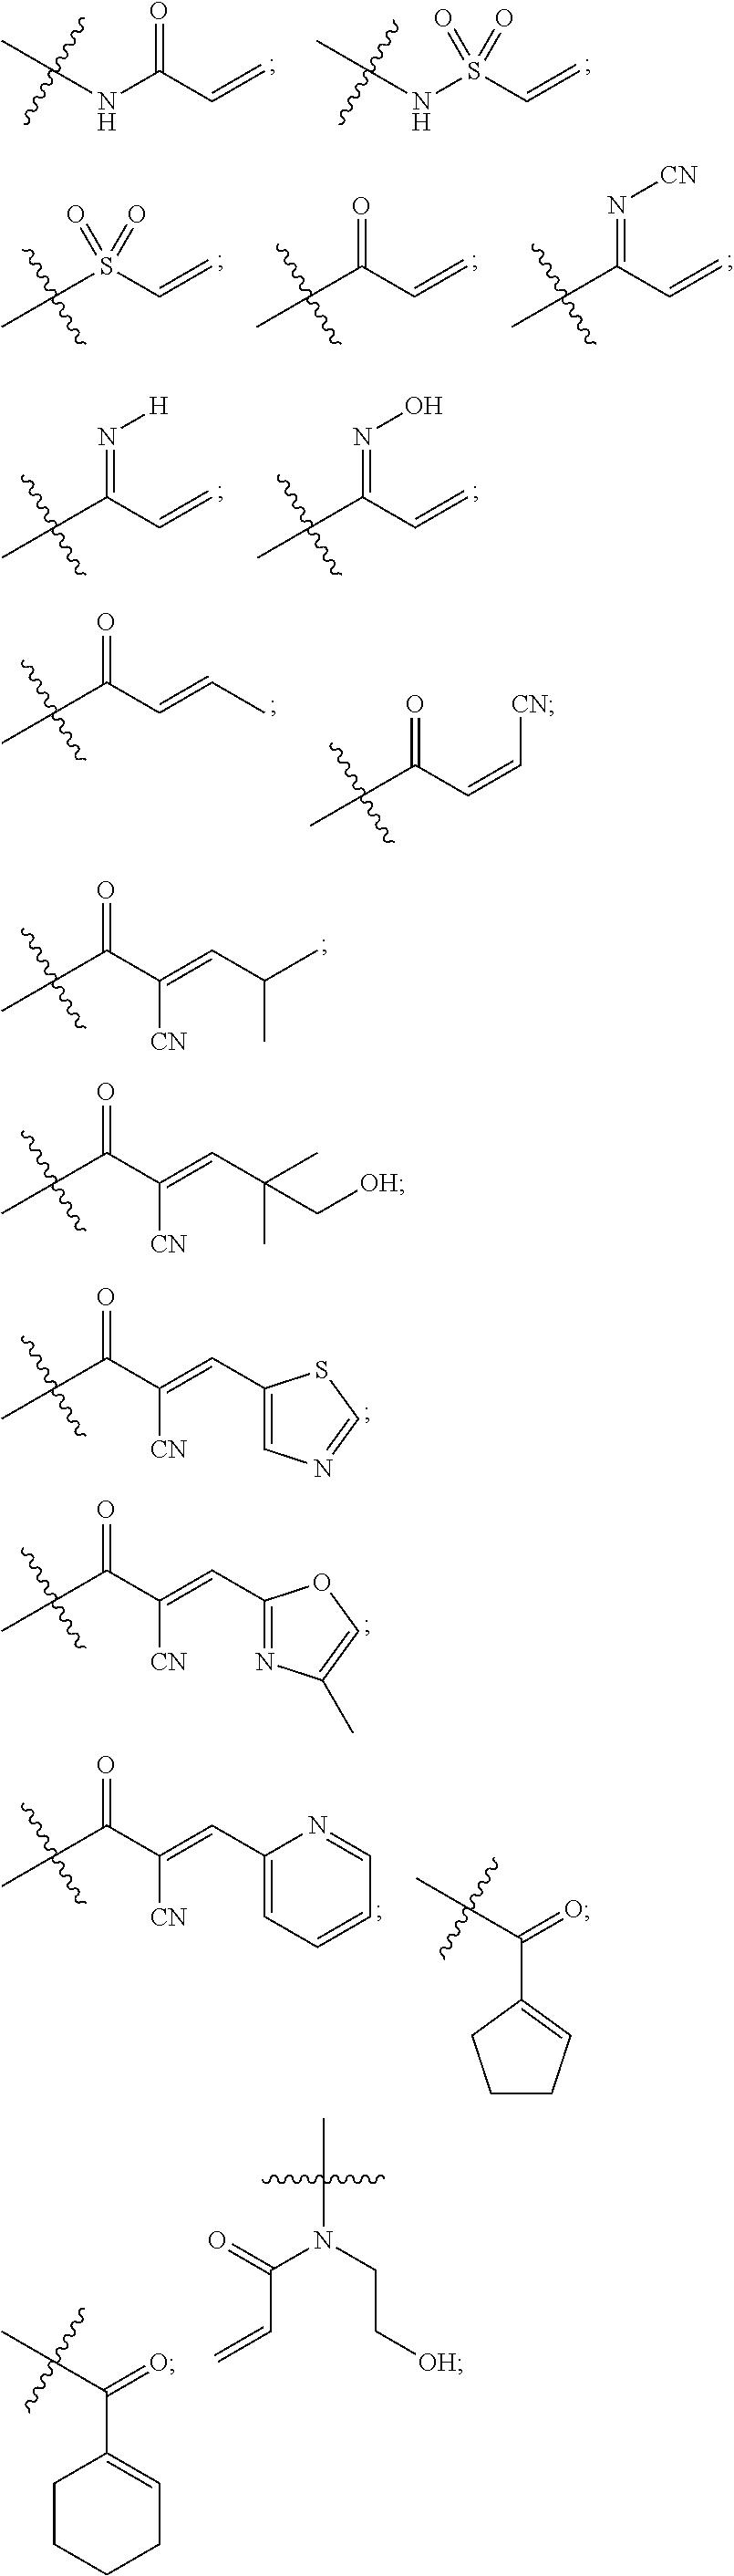 Figure US09862701-20180109-C00018